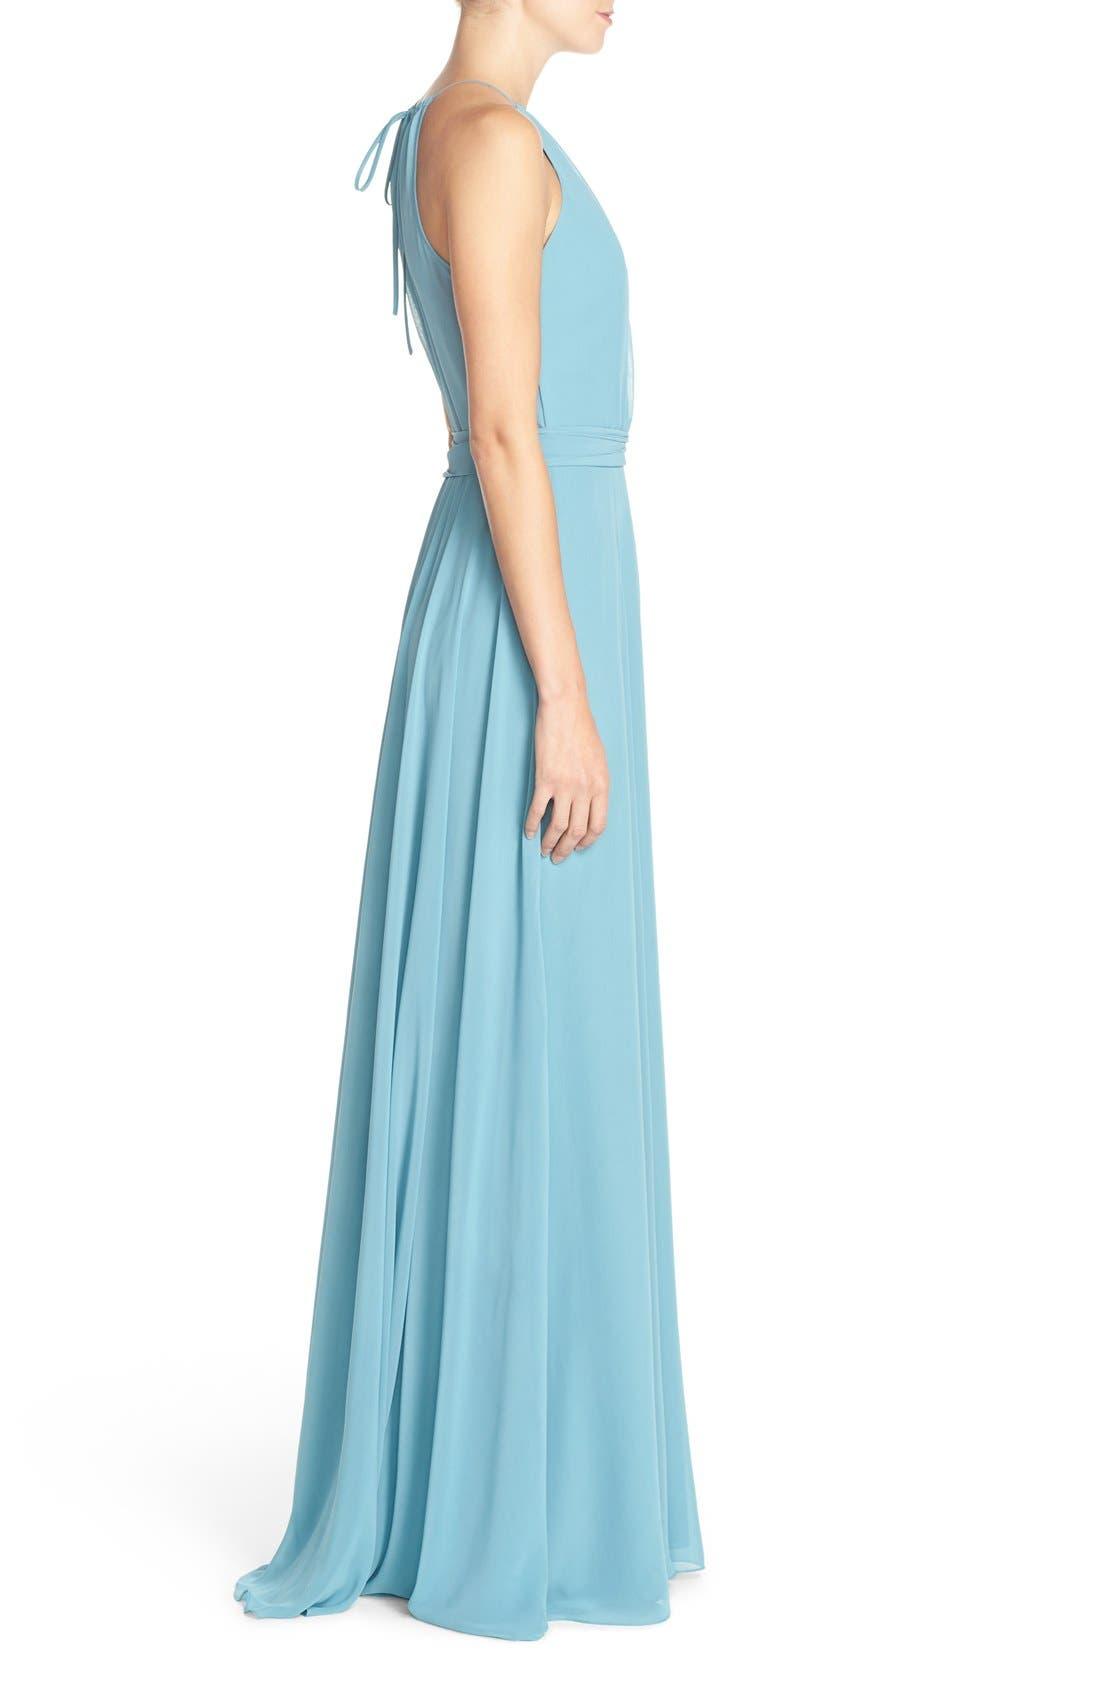 'Delaney' Belted A-Line Chiffon Halter Dress,                             Alternate thumbnail 3, color,                             Teal